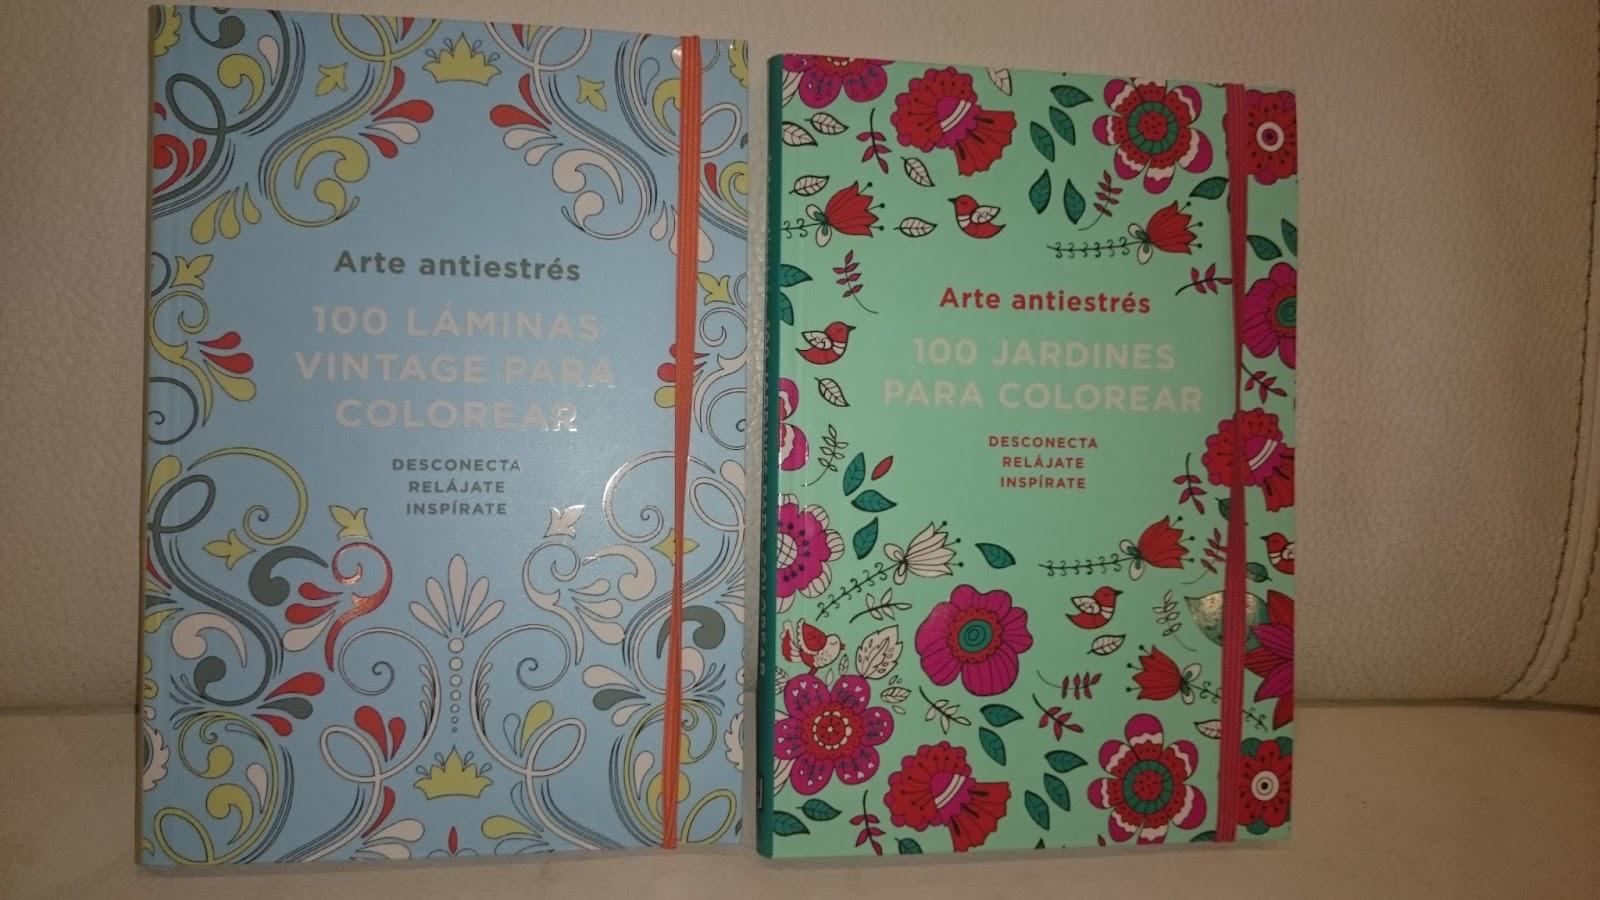 Libros que hay que leer: Arte antiestrés: 100 jardines para colorear ...